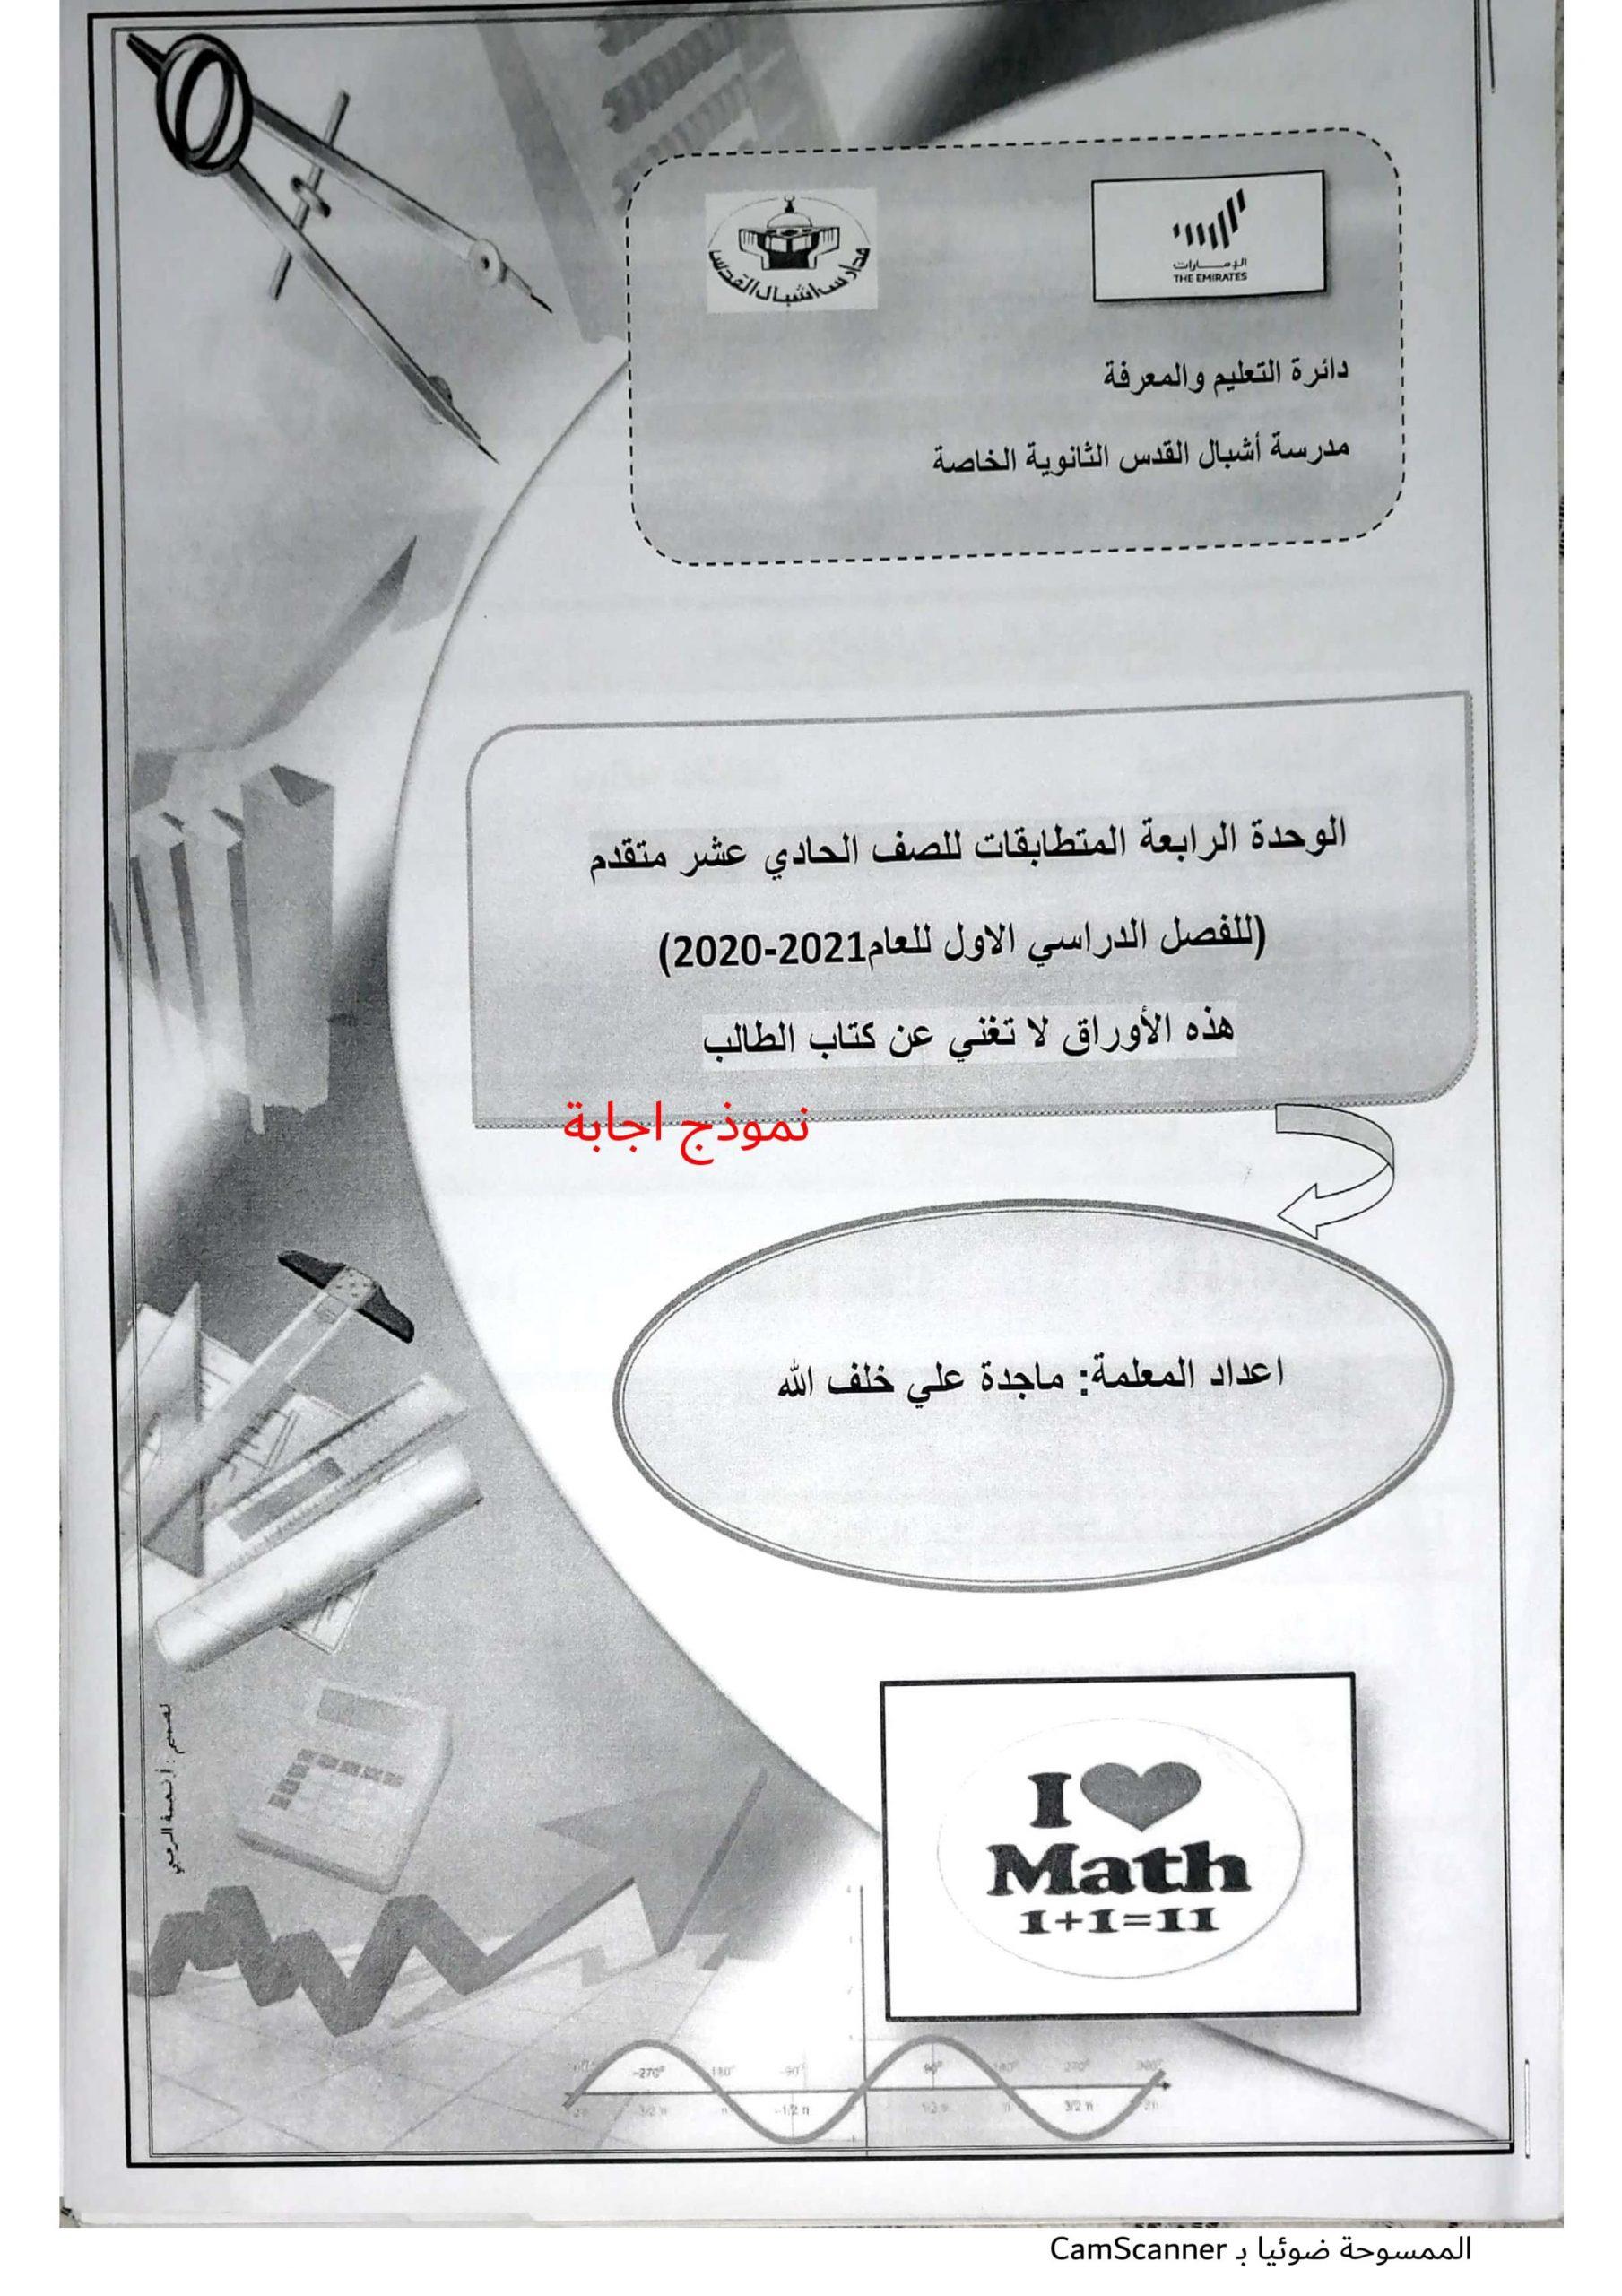 حل اوراق عمل المتطابقات الصف الحادي عشر متقدم مادة الرياضيات المتكاملة